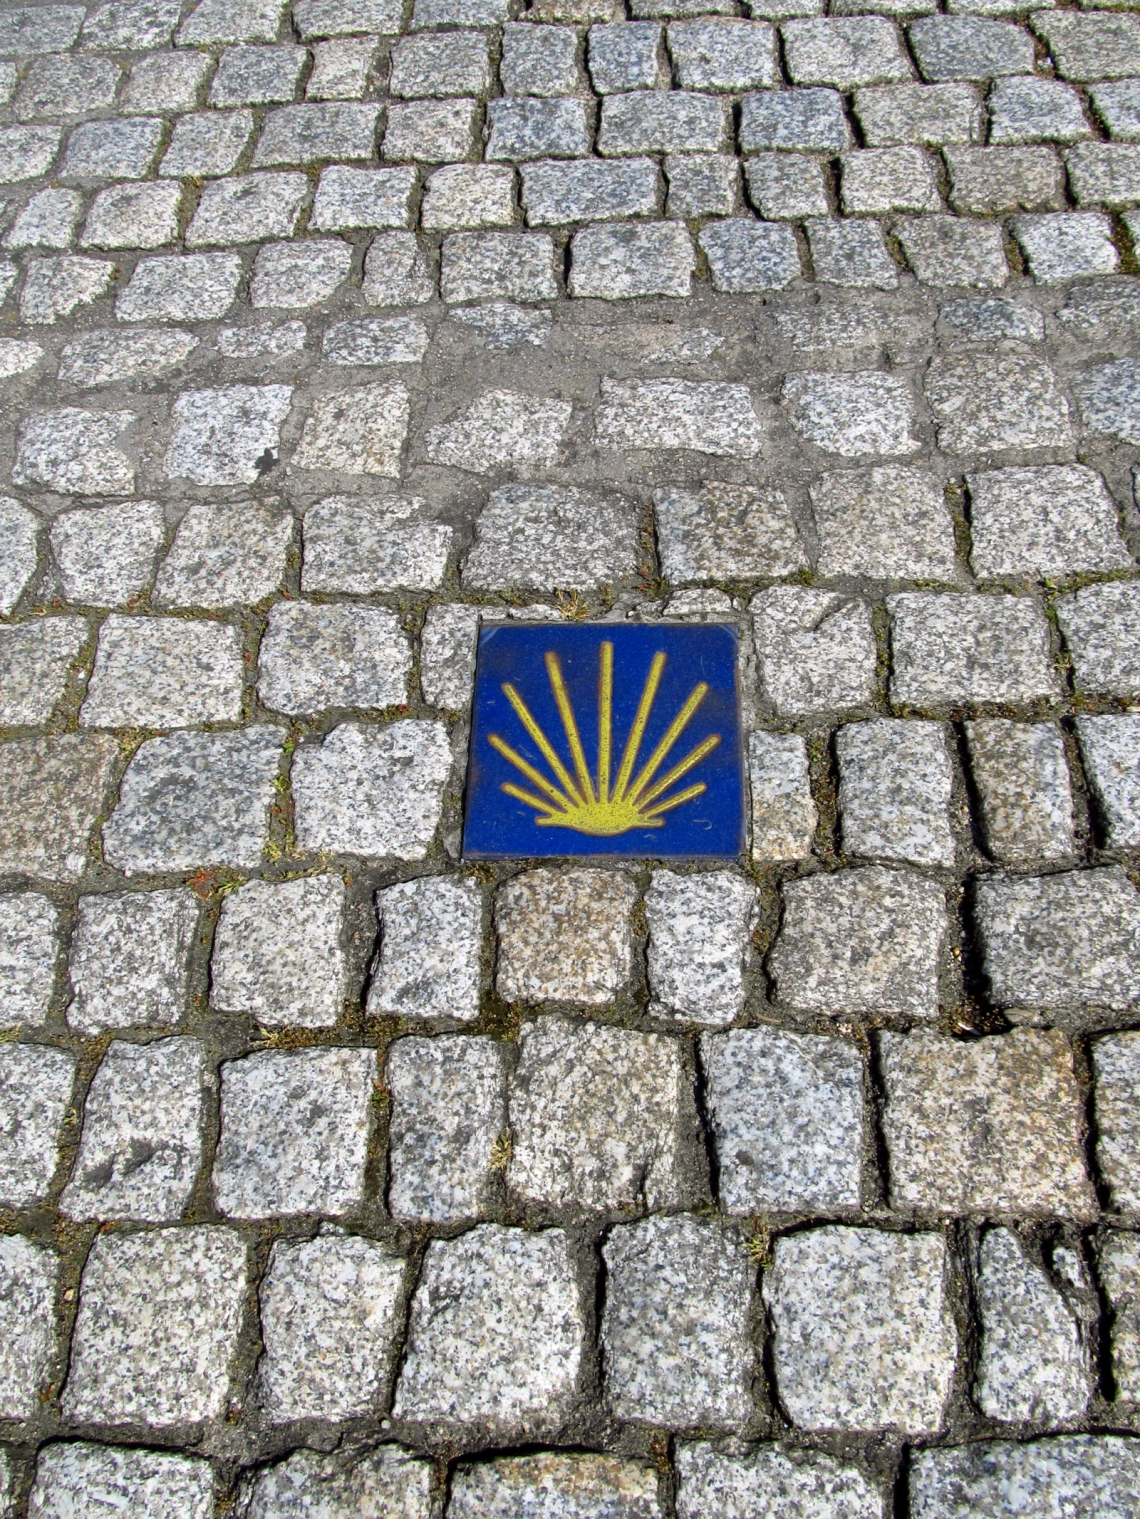 Señal Oficial del Camino de Santiago en el adoquinado del Puente Romano de Orense, Galicia - abril 2013